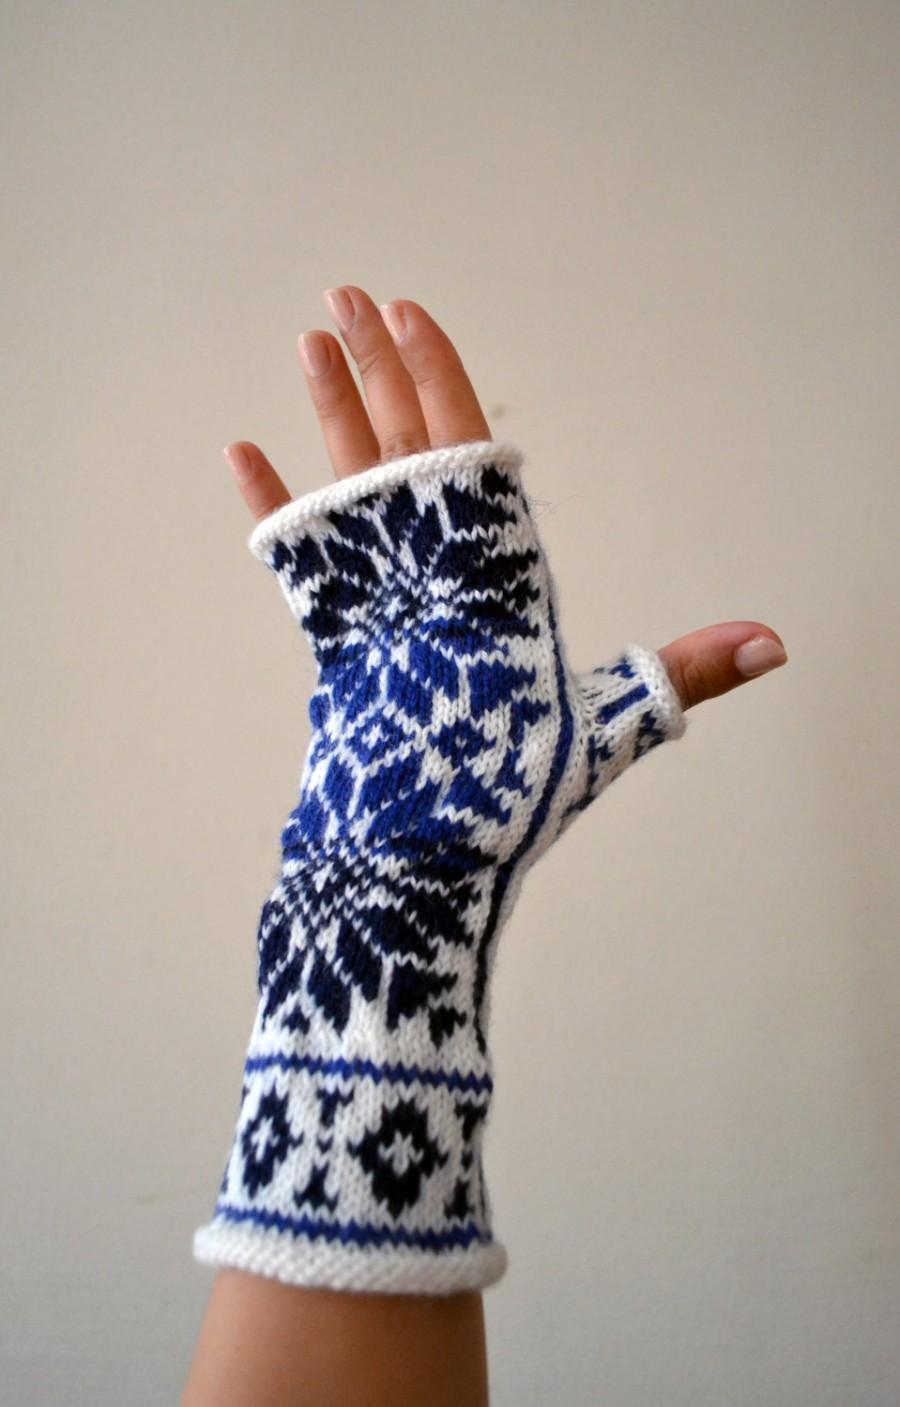 Boda - Nordic Fingerless Gloves - Wool White and Blue Fingerless Gloves - Scandinavian Gloves with Stars - Knit Fingerless Gloves nO 130.